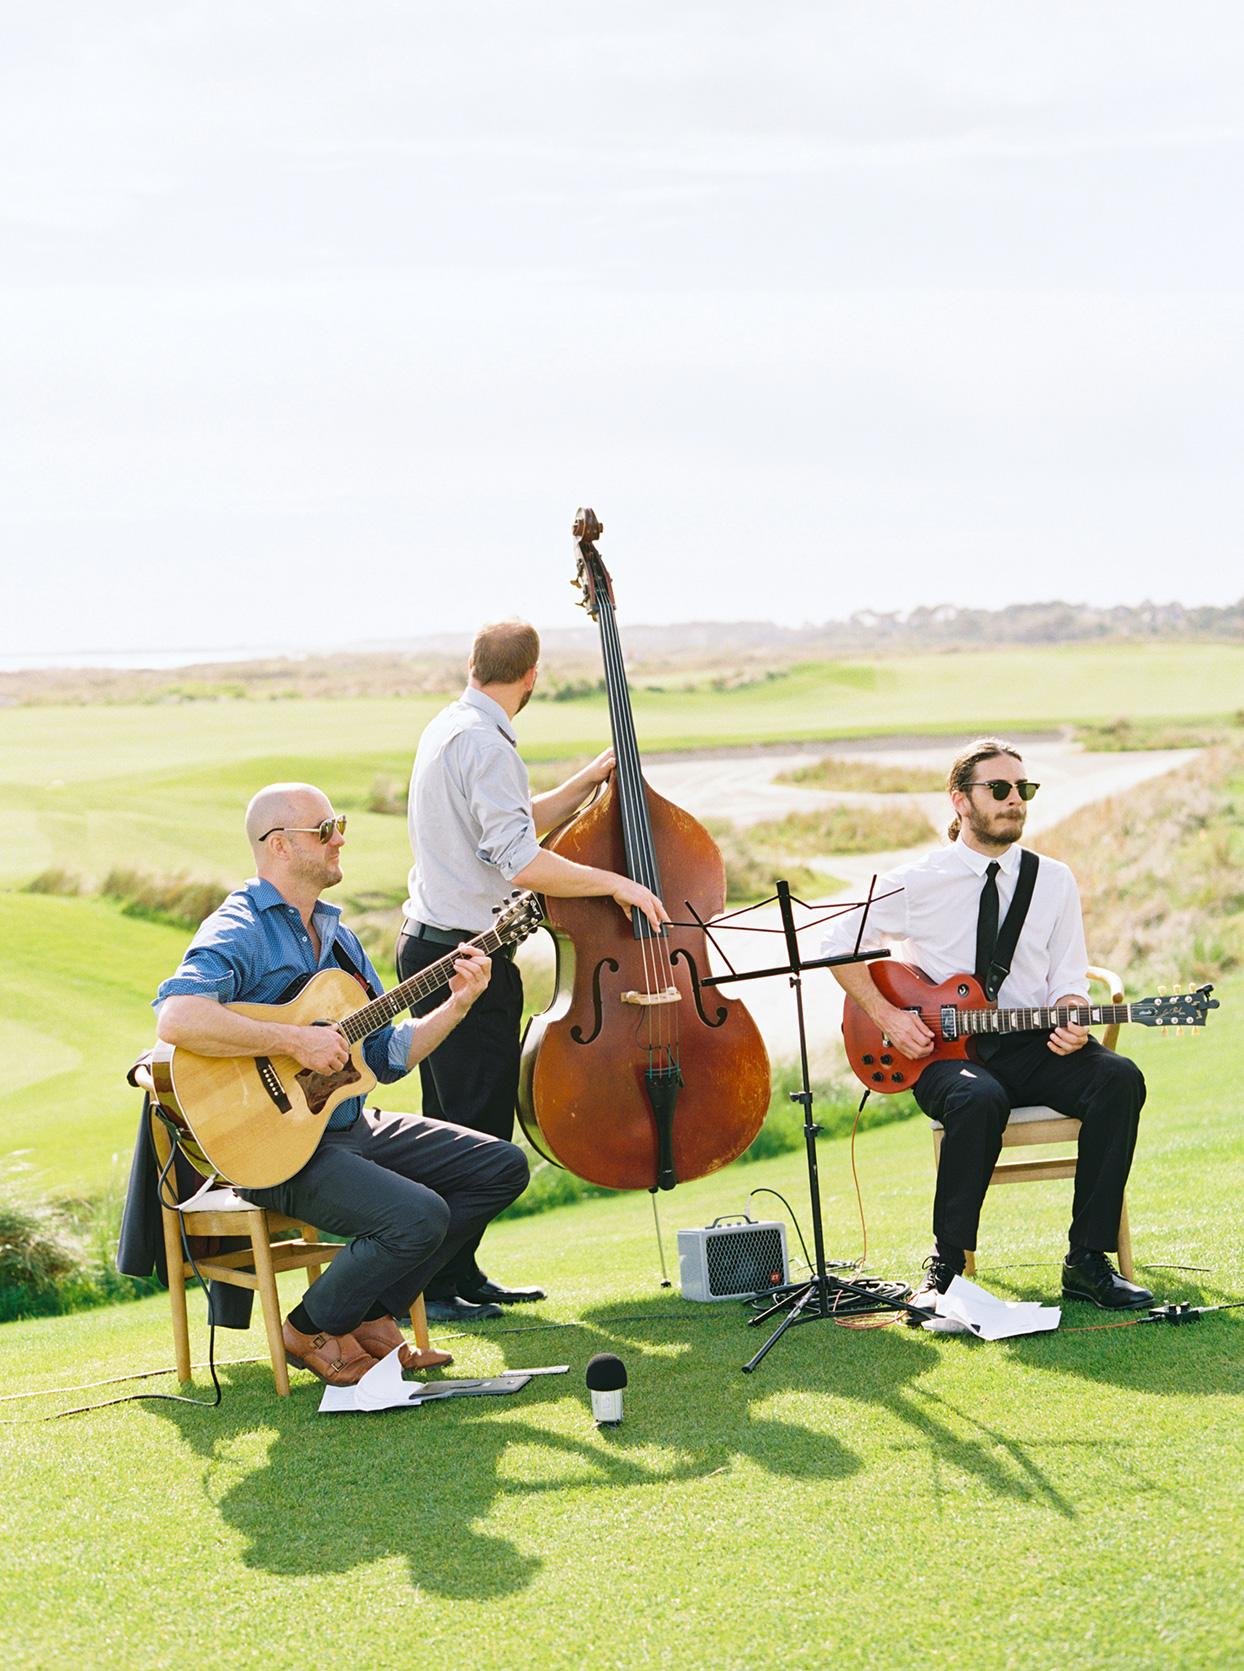 lauren dan wedding ceremony musicians on green grass